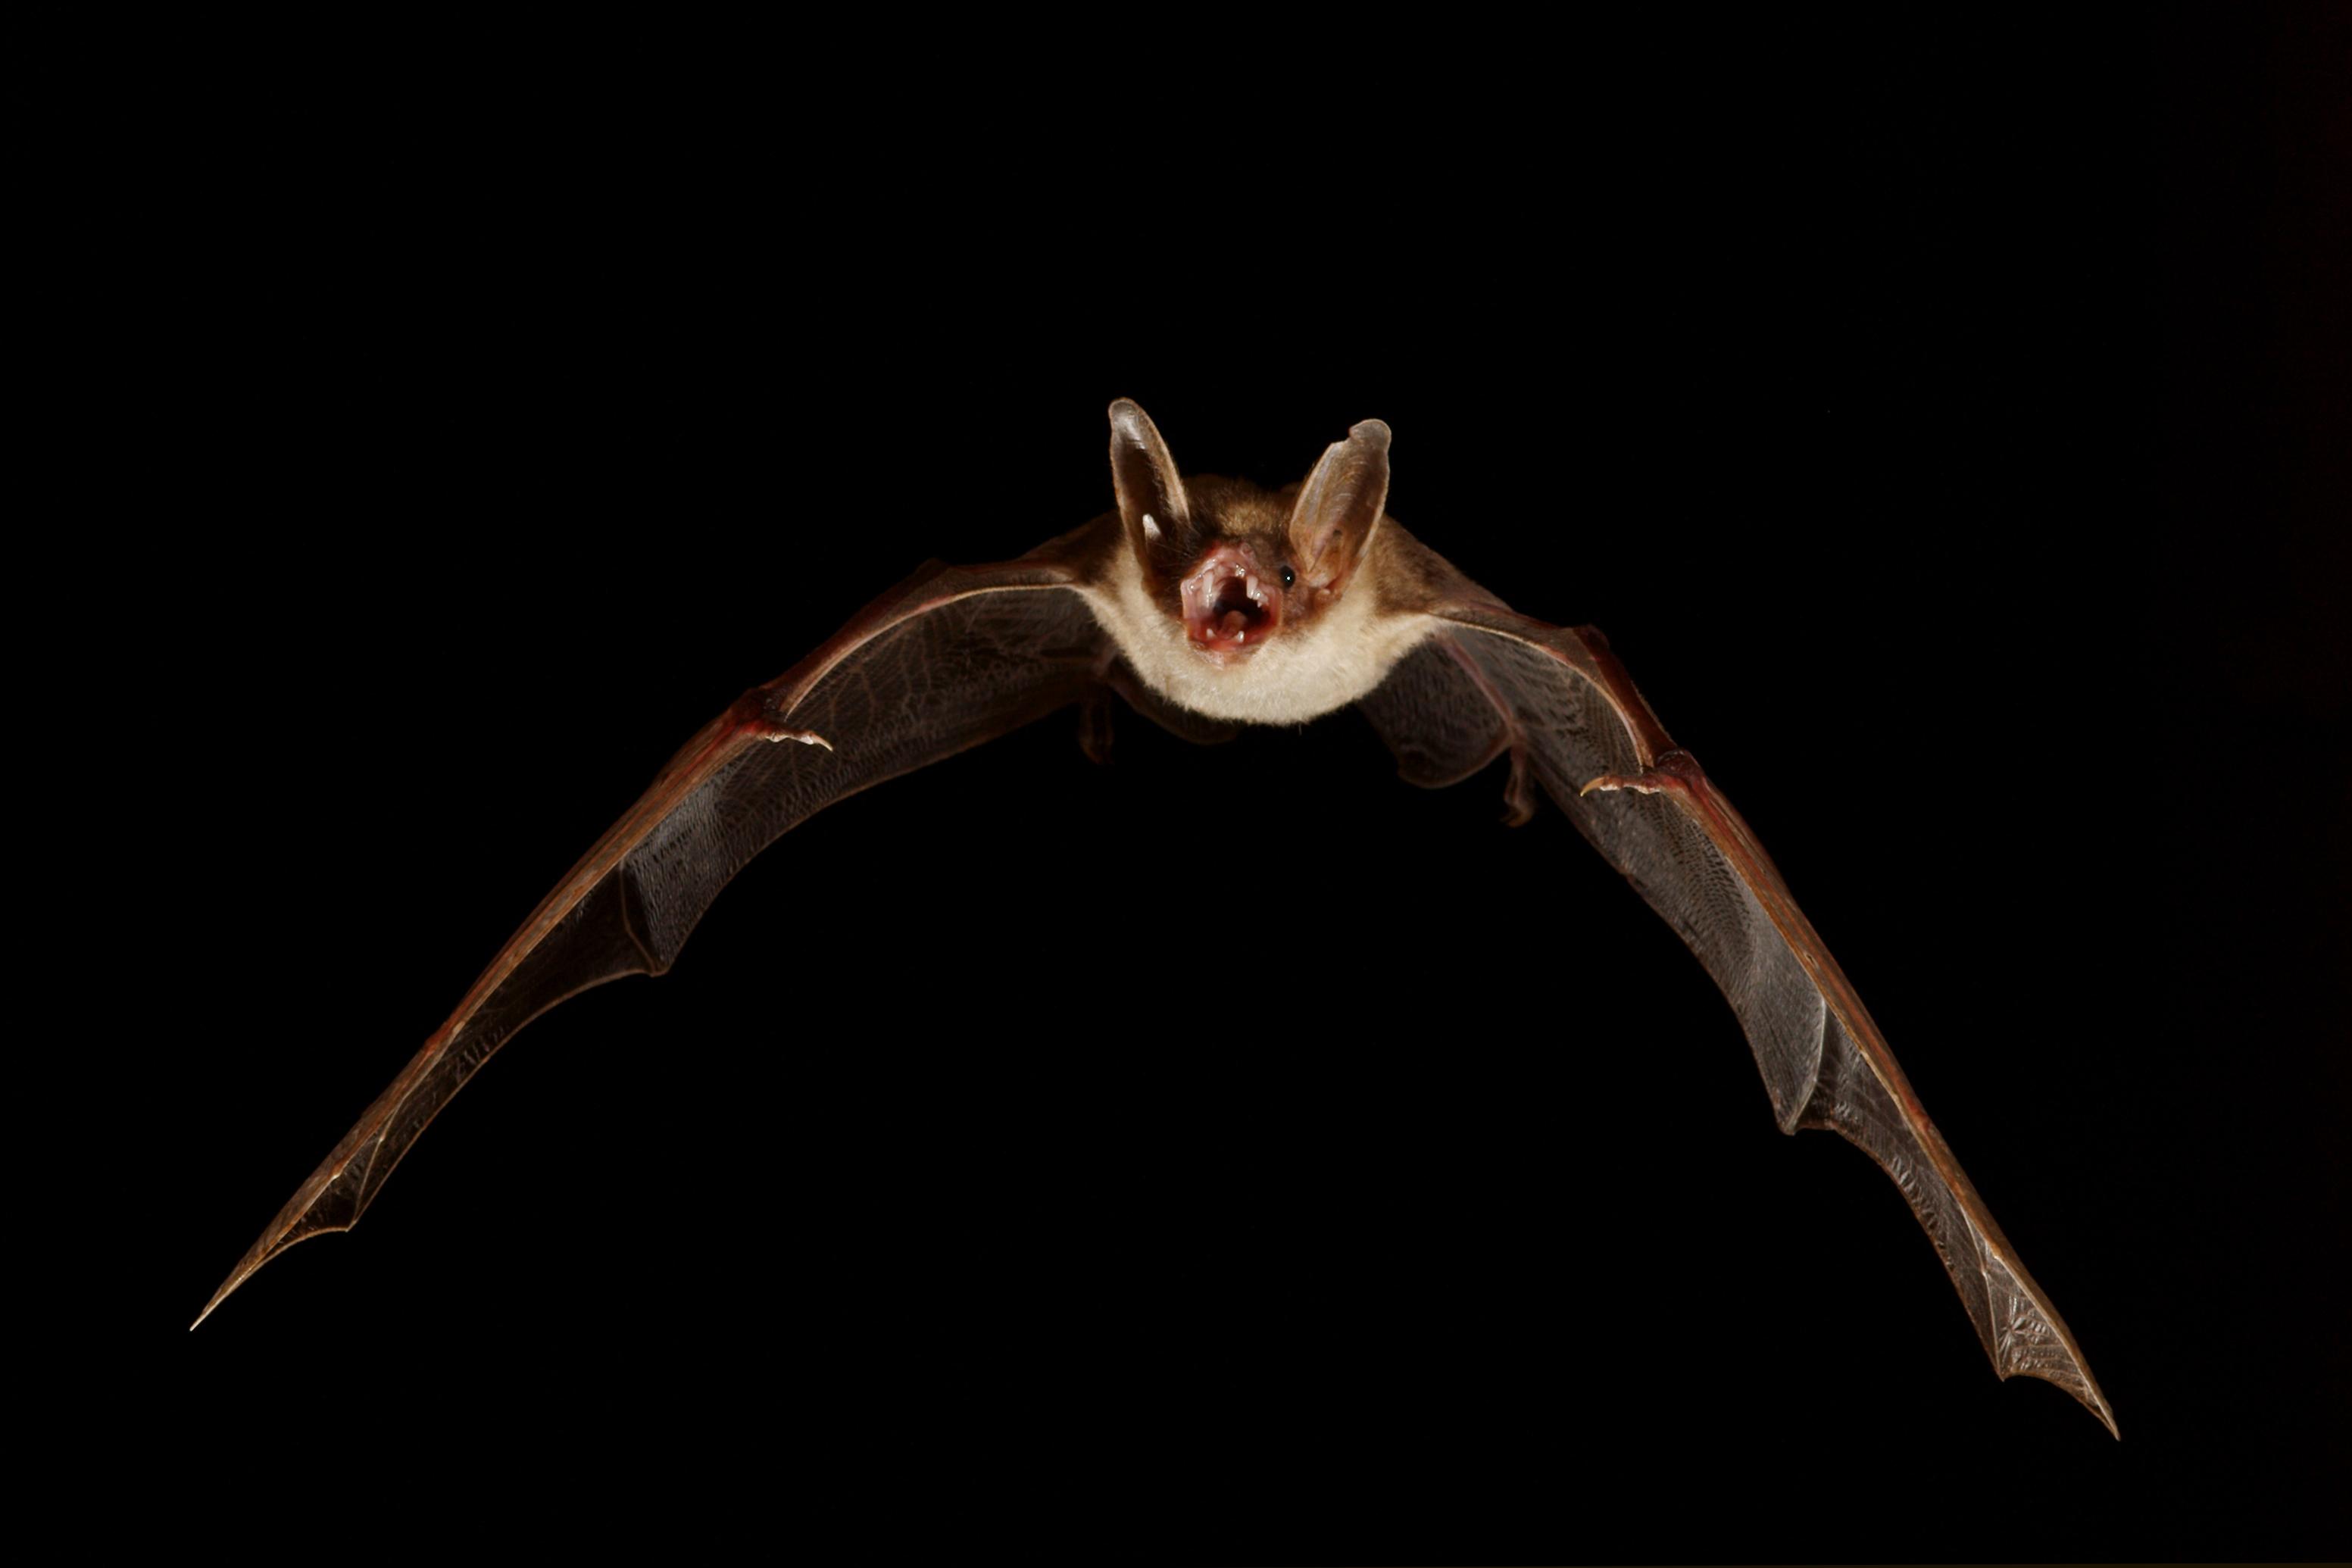 Ces 5 esp ces dont l 39 tre humain a besoin pour survivre sont en voie d 39 extinction - Image de chauve souris ...